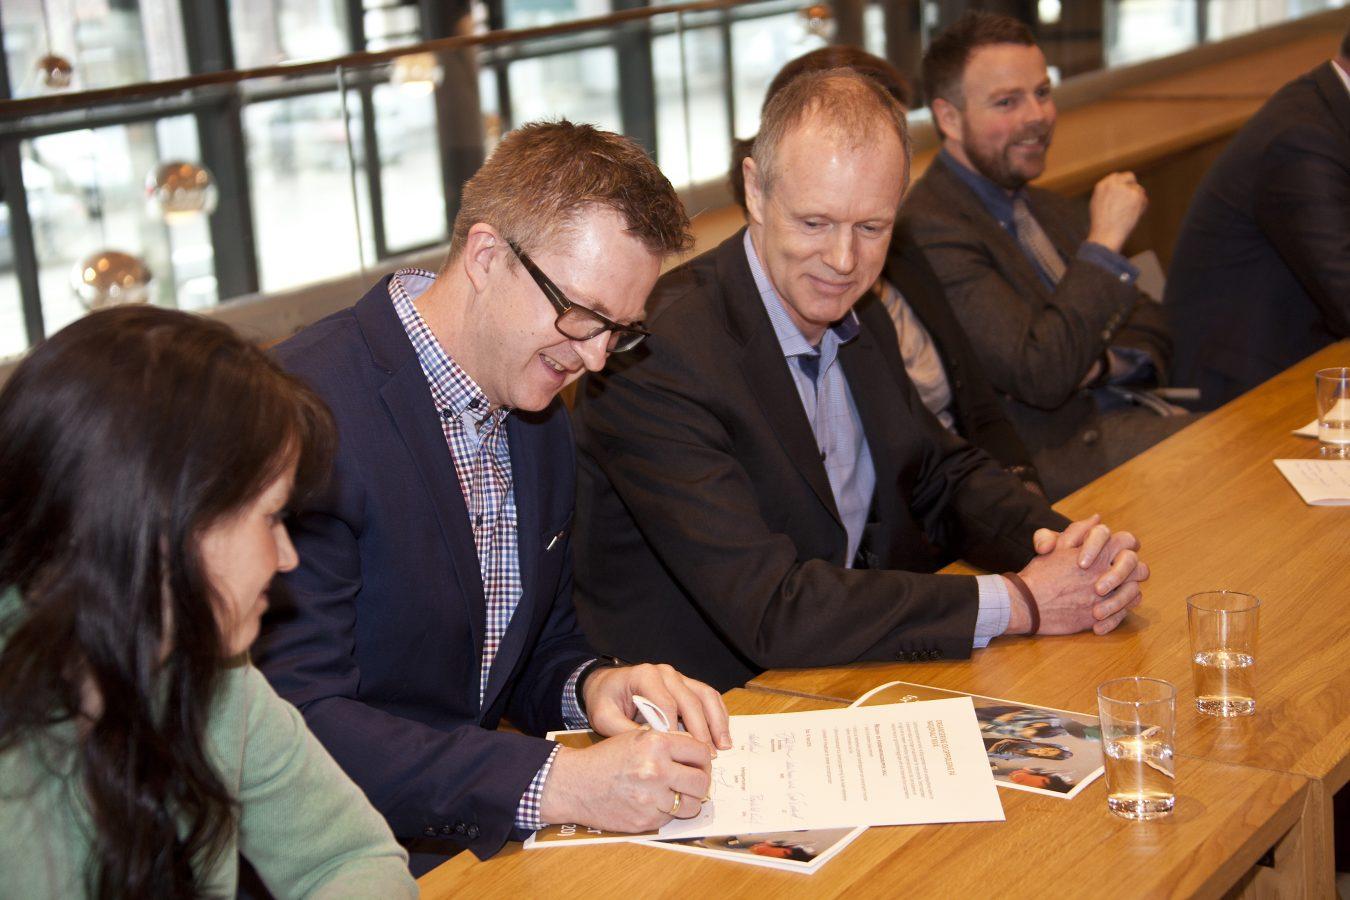 YS 2. nestleder, Hans-Erik Skjæggerud, signerer den nye samfunnskontrakten,  sammen med representanter for Kunnskapsdepartementet, Kommunal- og moderniseringsdepartementet og de andre partene i arbeidslivet.